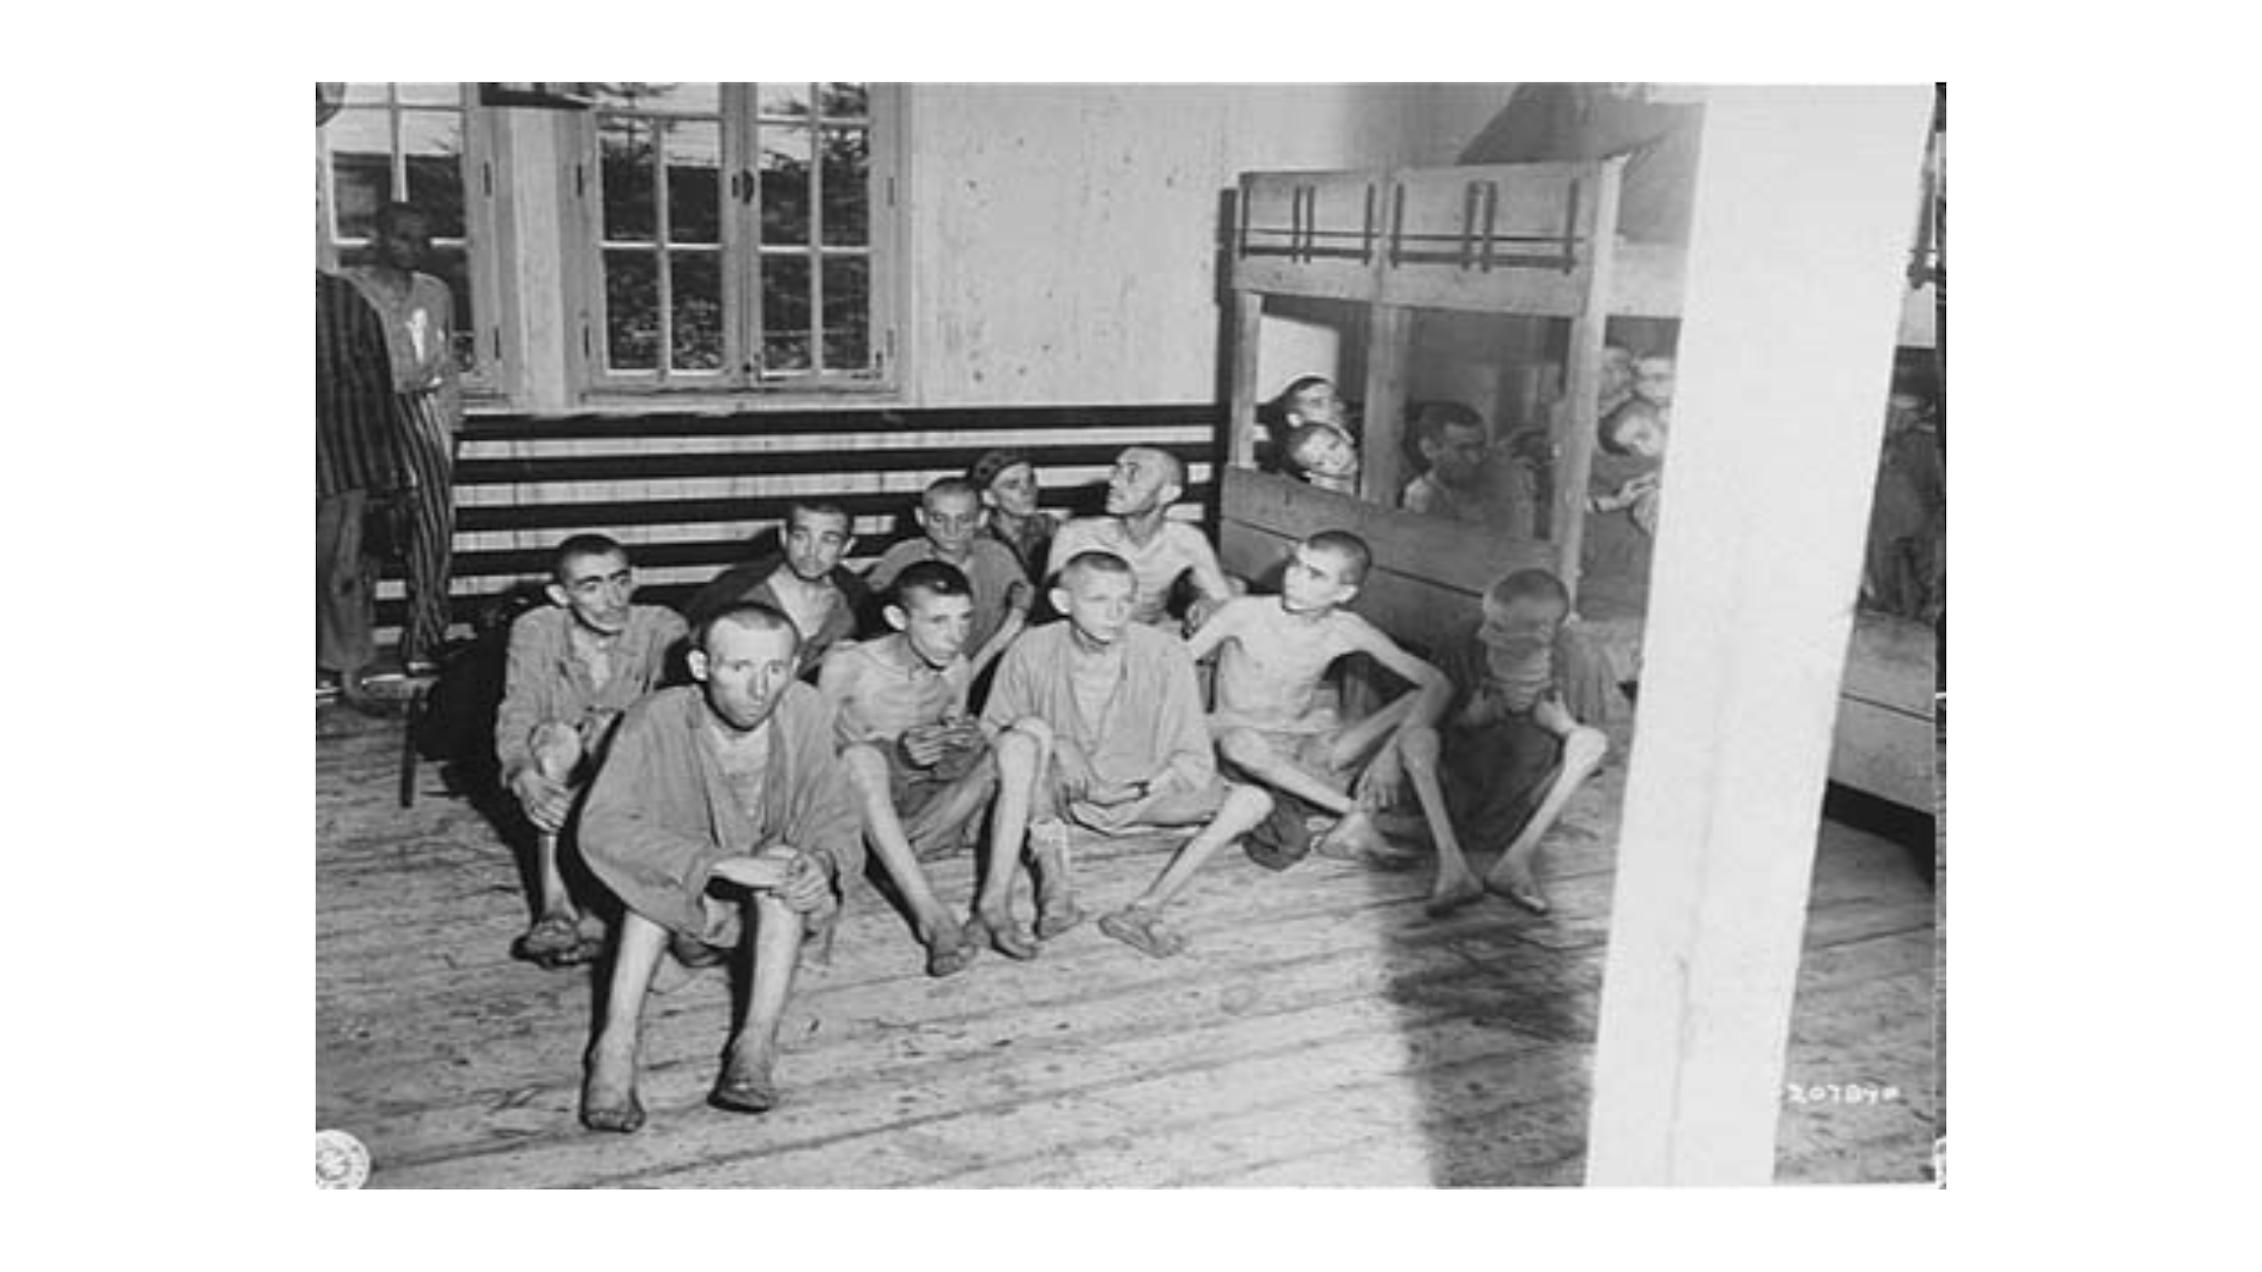 Cobayas humanos en la enfermería de Auschwitz.Author provided